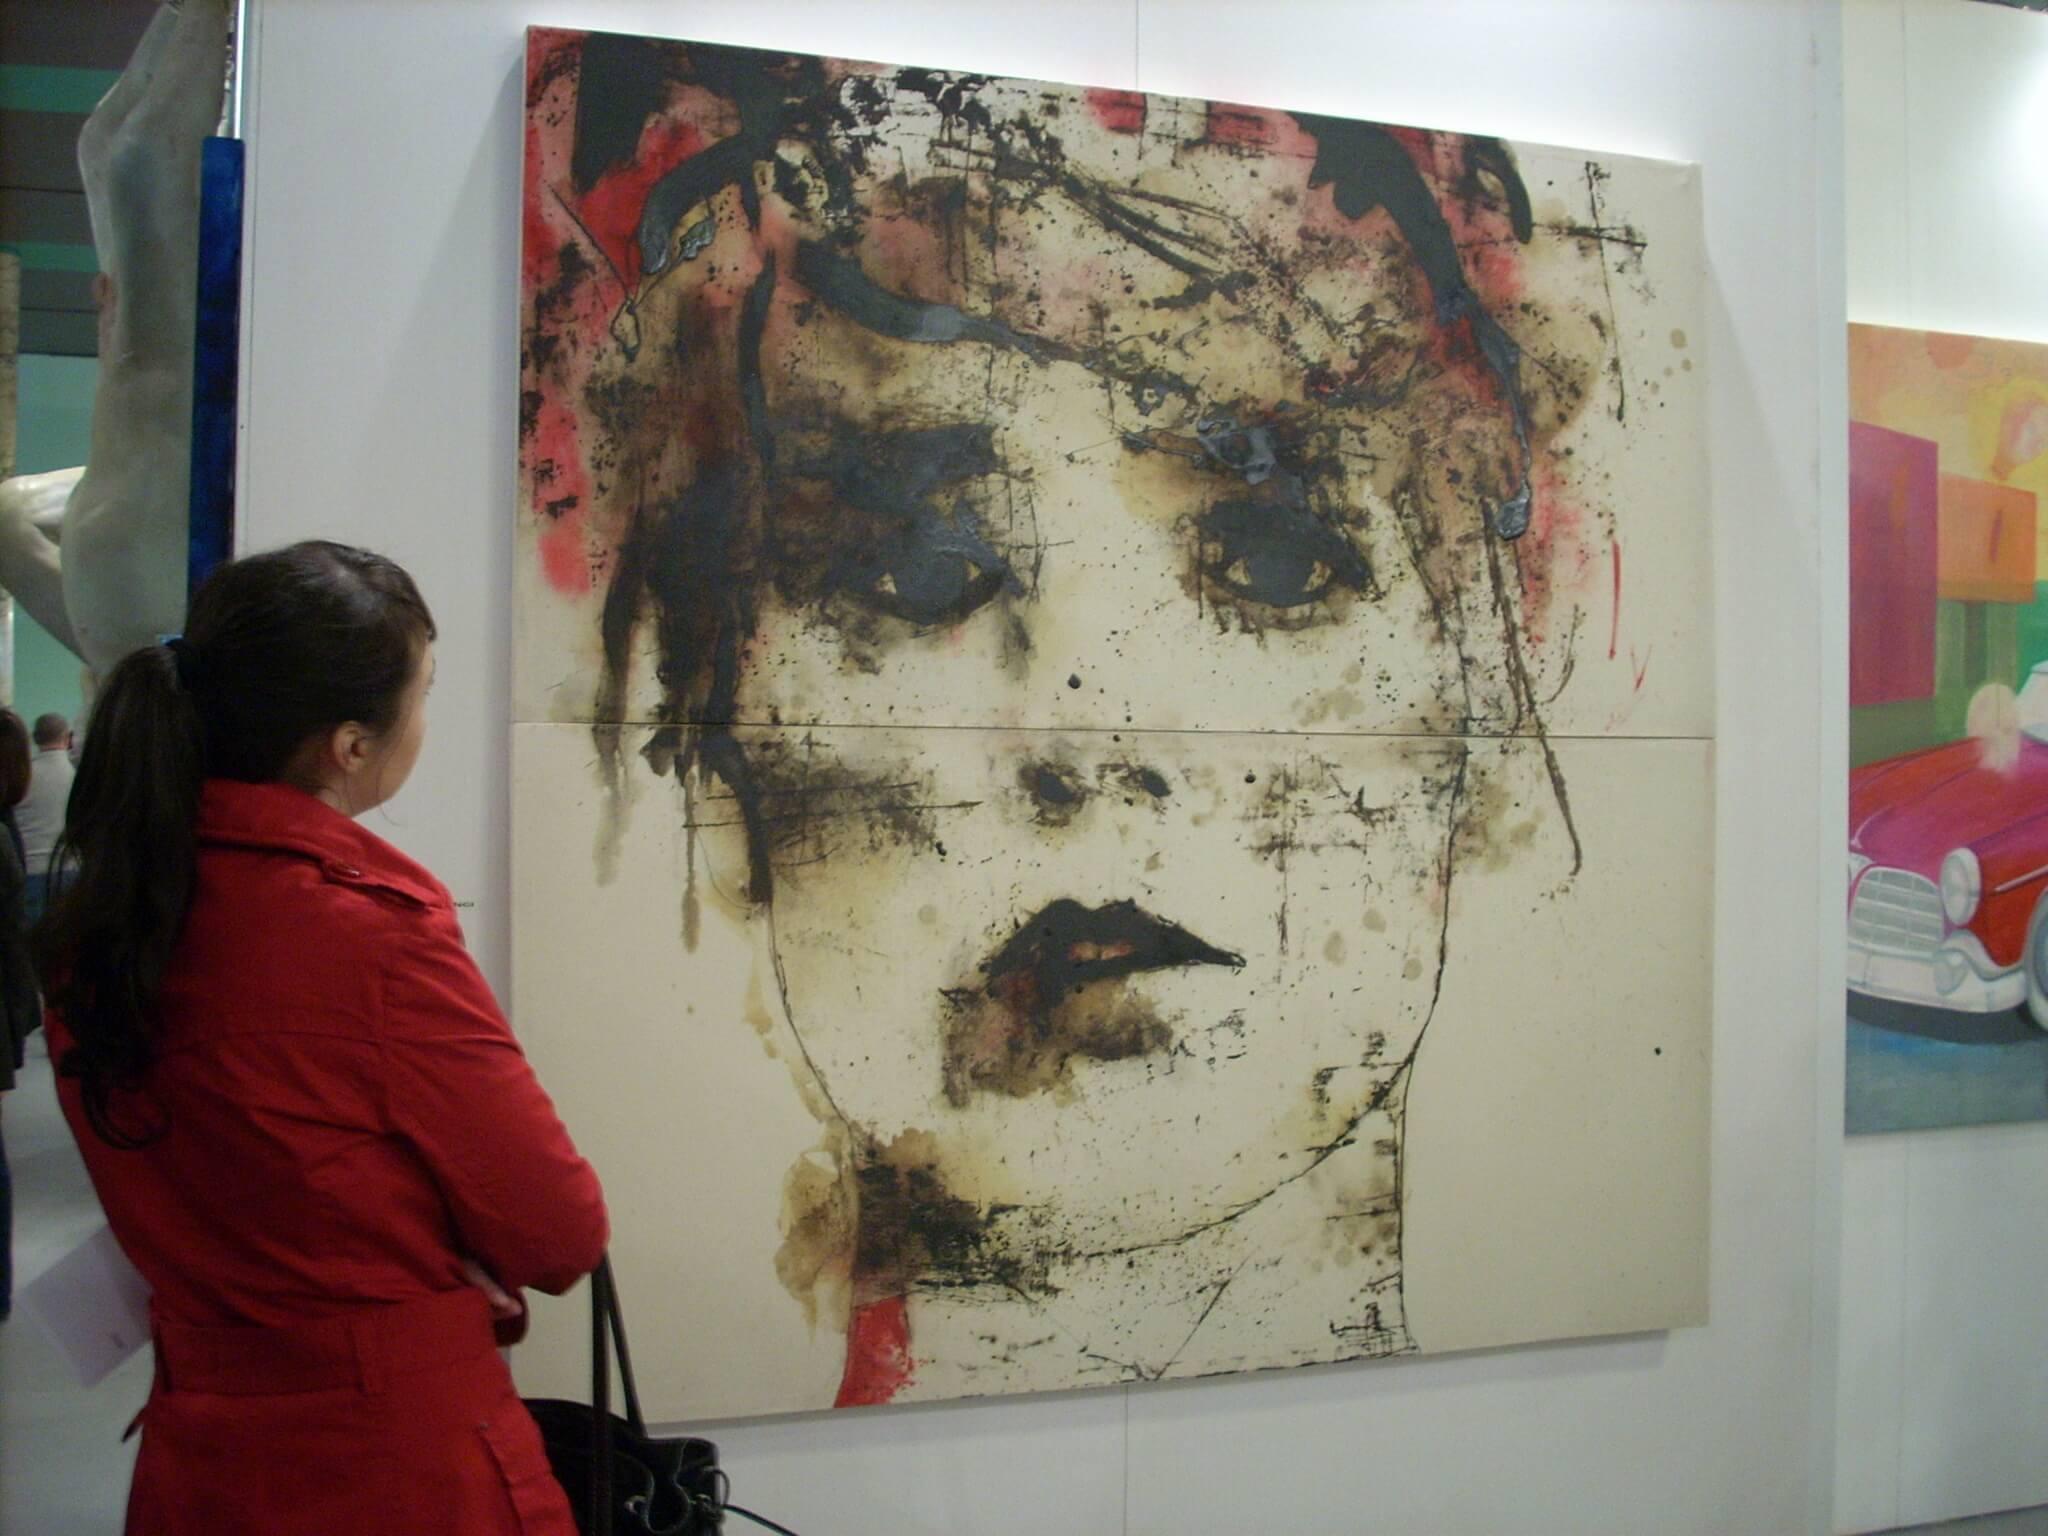 arte-contemporanea-opportunità-per-start-up-creative-e-artisti